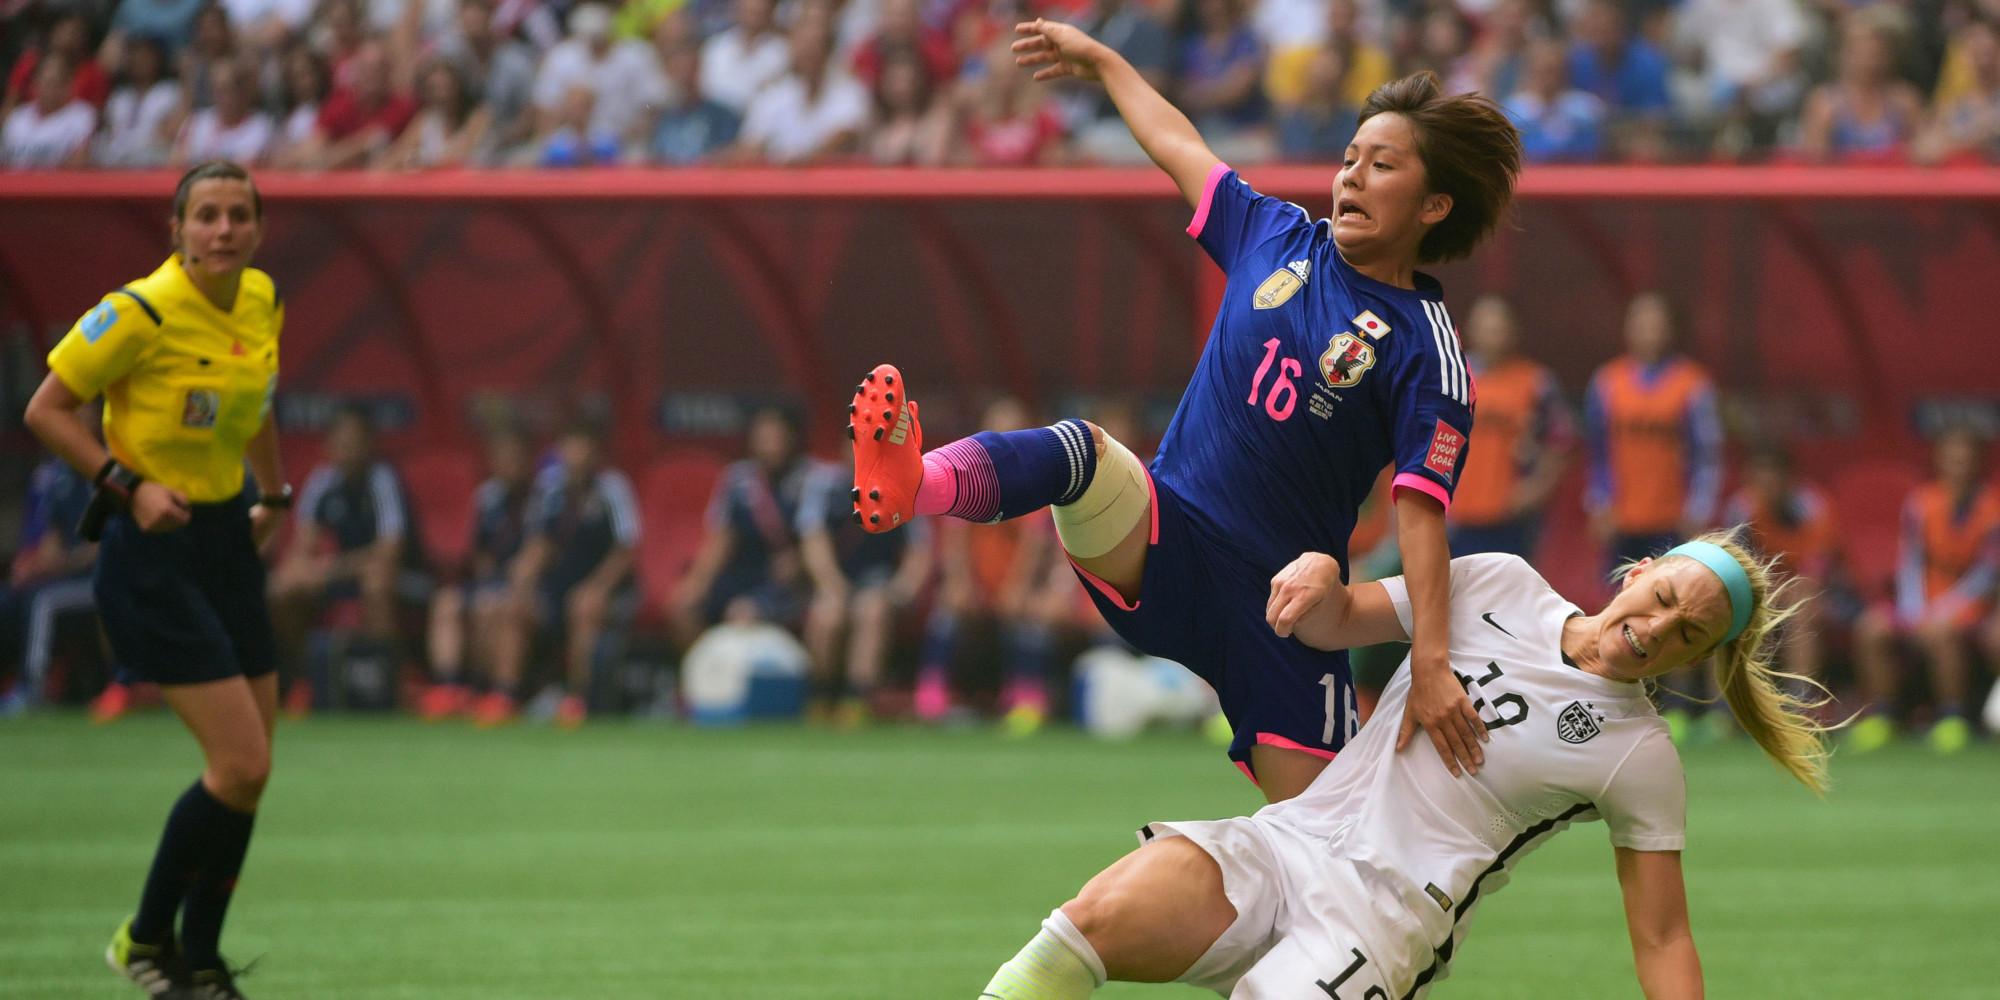 Coupe du monde de football f minin 2015 le r sum et les buts de la victoire des tats unis sur - Coupe du monde de foot feminin 2015 ...